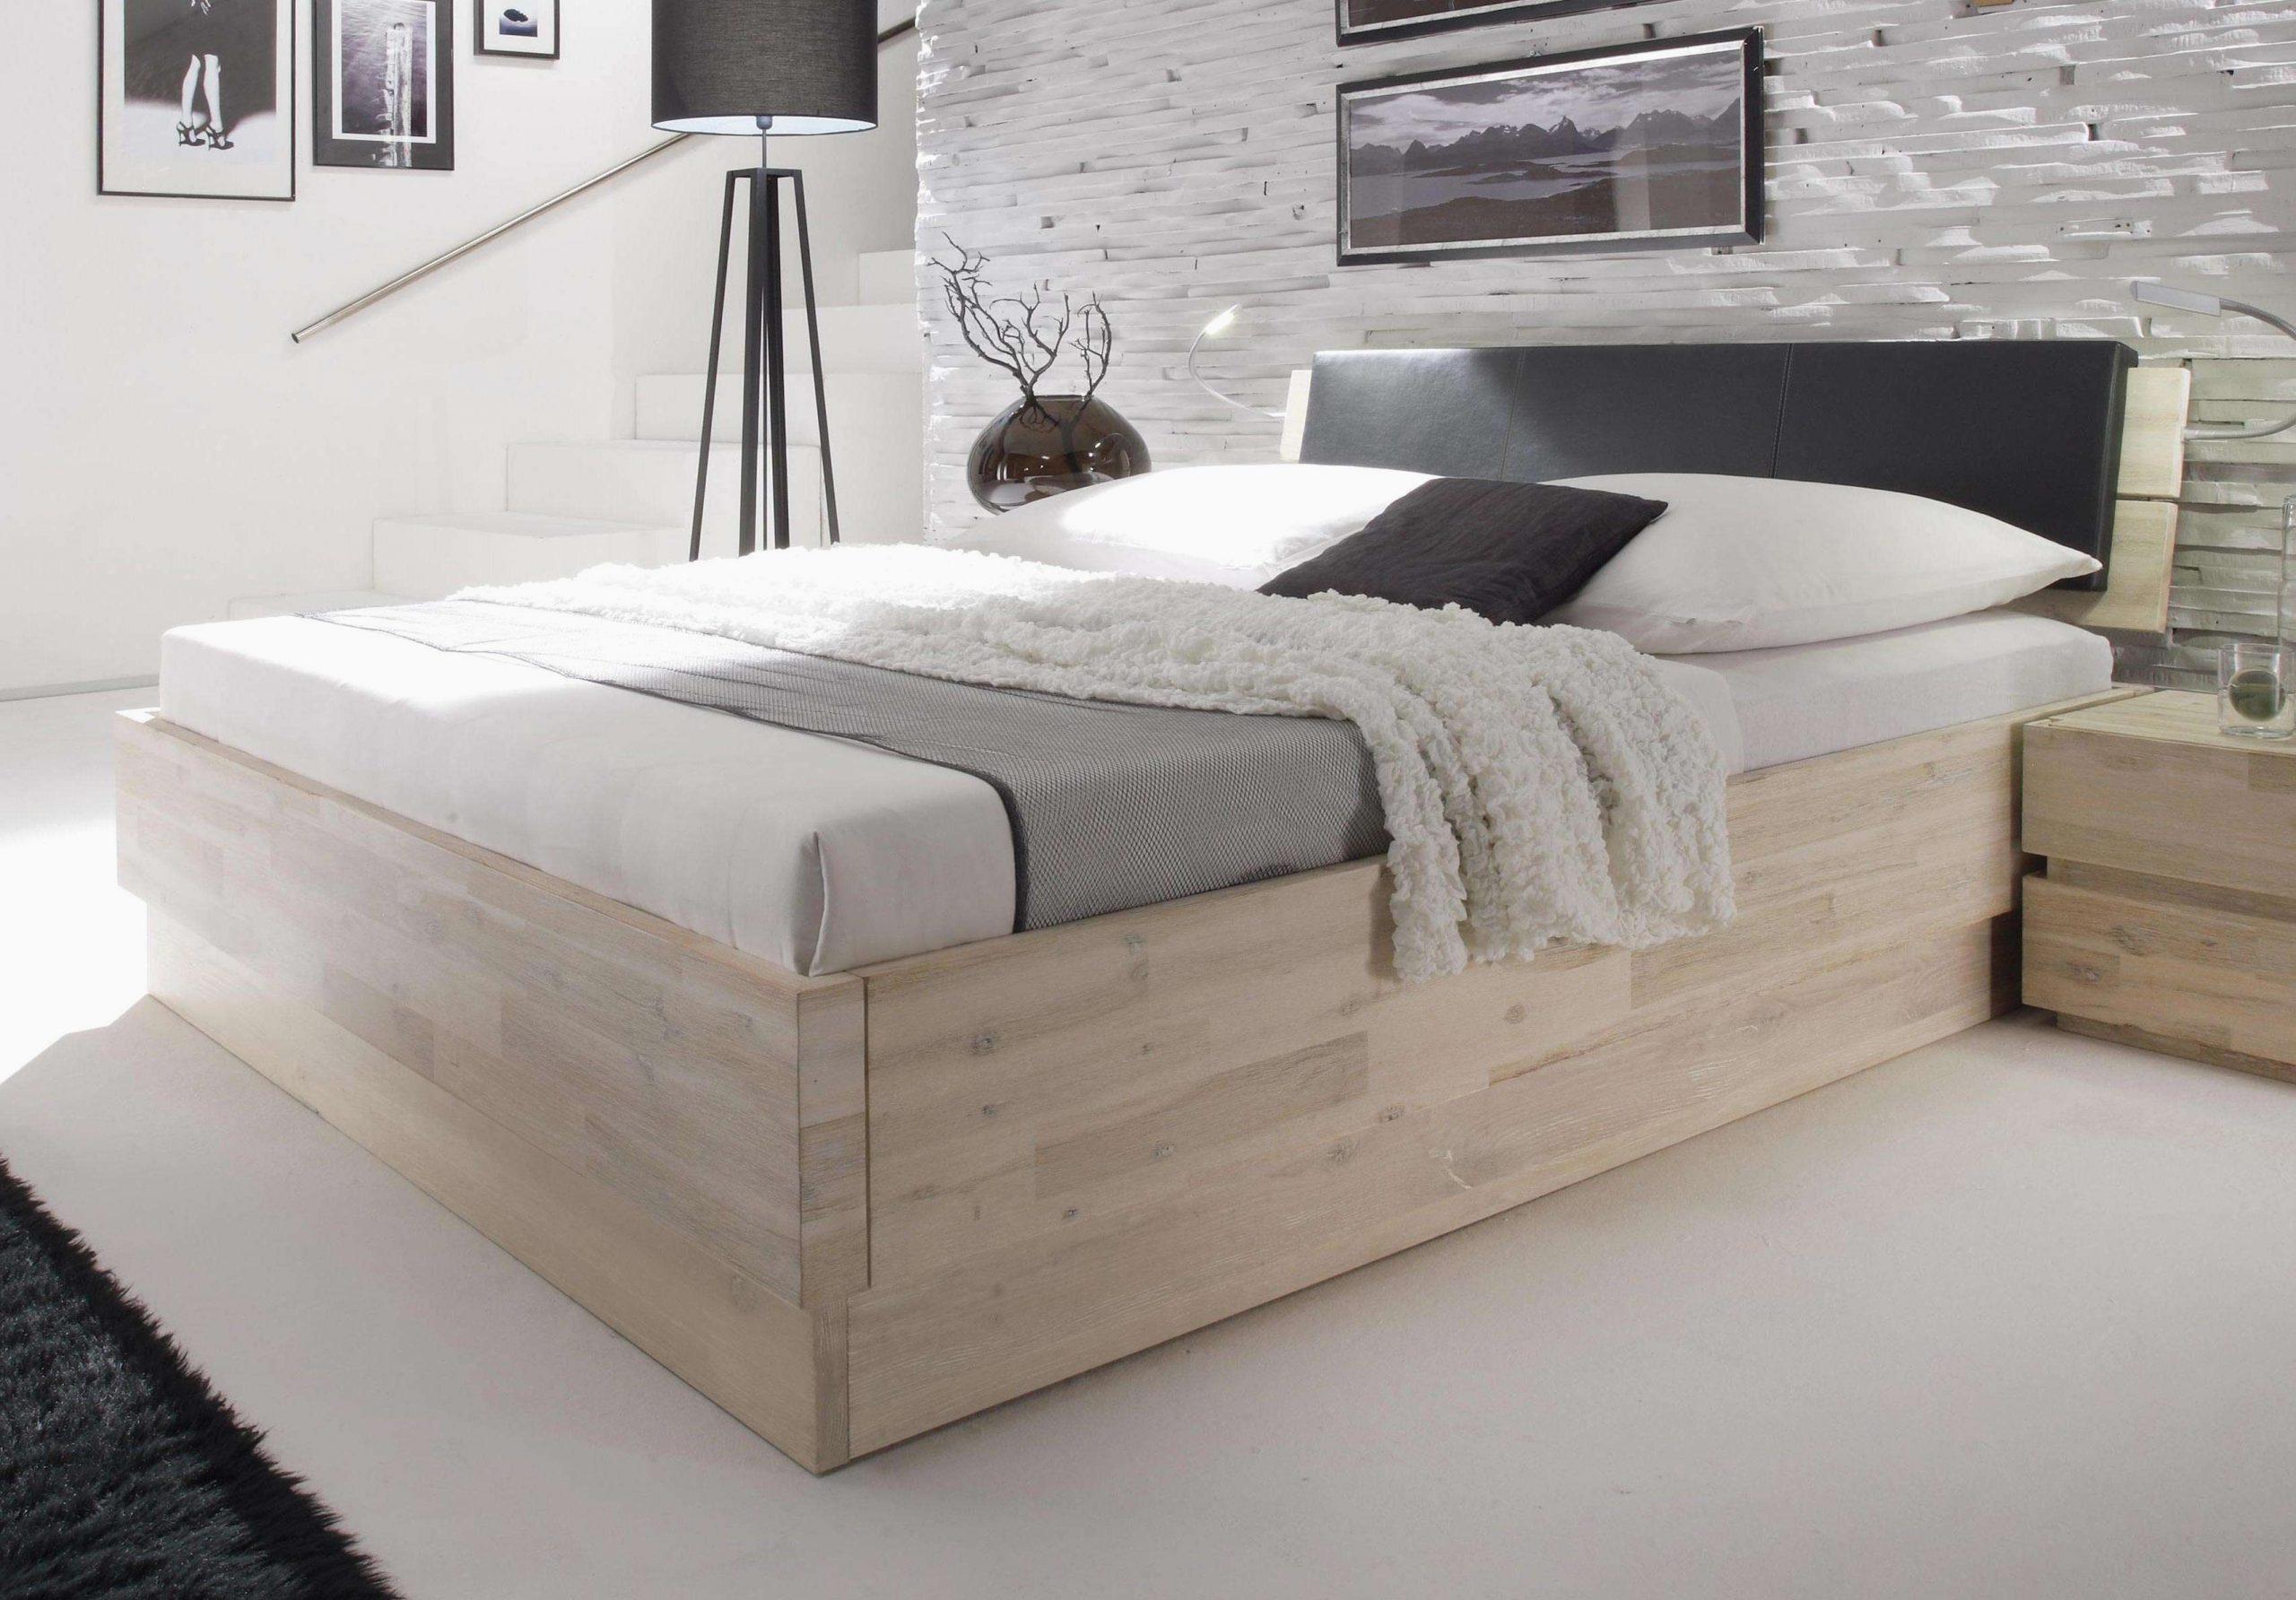 Full Size of Ausklappbares Bett Englisch 180x200 Klappbar Ikea Ausklappbar Zum Ausklappen Mit Stauraum Sofa Wandbefestigung 38 E0 Ausziehbar Doppelbett Fhrung Cars Selber Bett Bett Ausklappbar